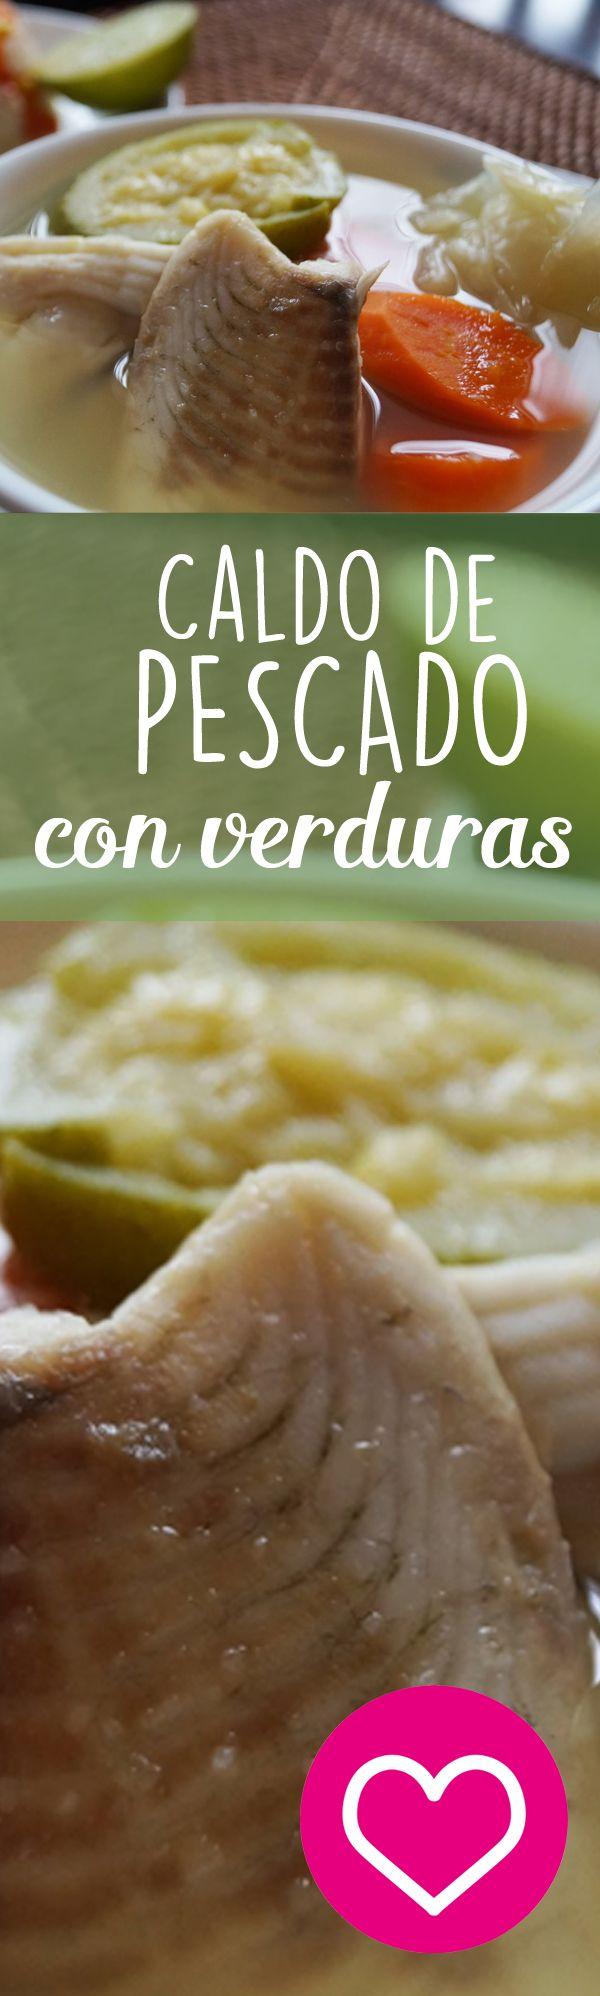 Caldo de pescado con verduras, una opción saludable y deliciosa para esta cuaresma